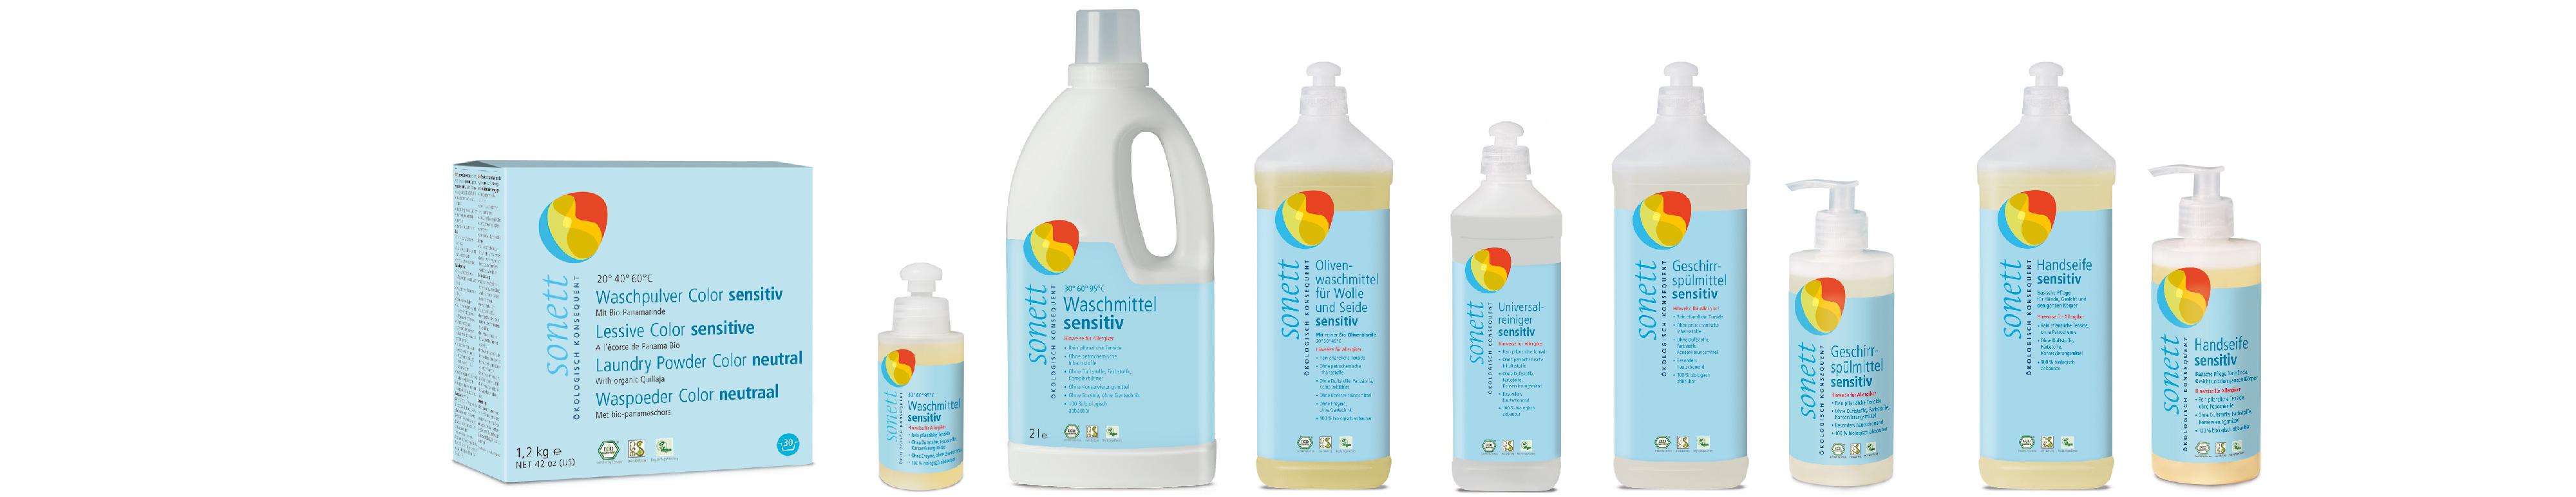 Sonett - seria NEUTRAL / SENSITIV bez żadnych dodatków zapachowych dla niemowląt, dzieci i alrgików